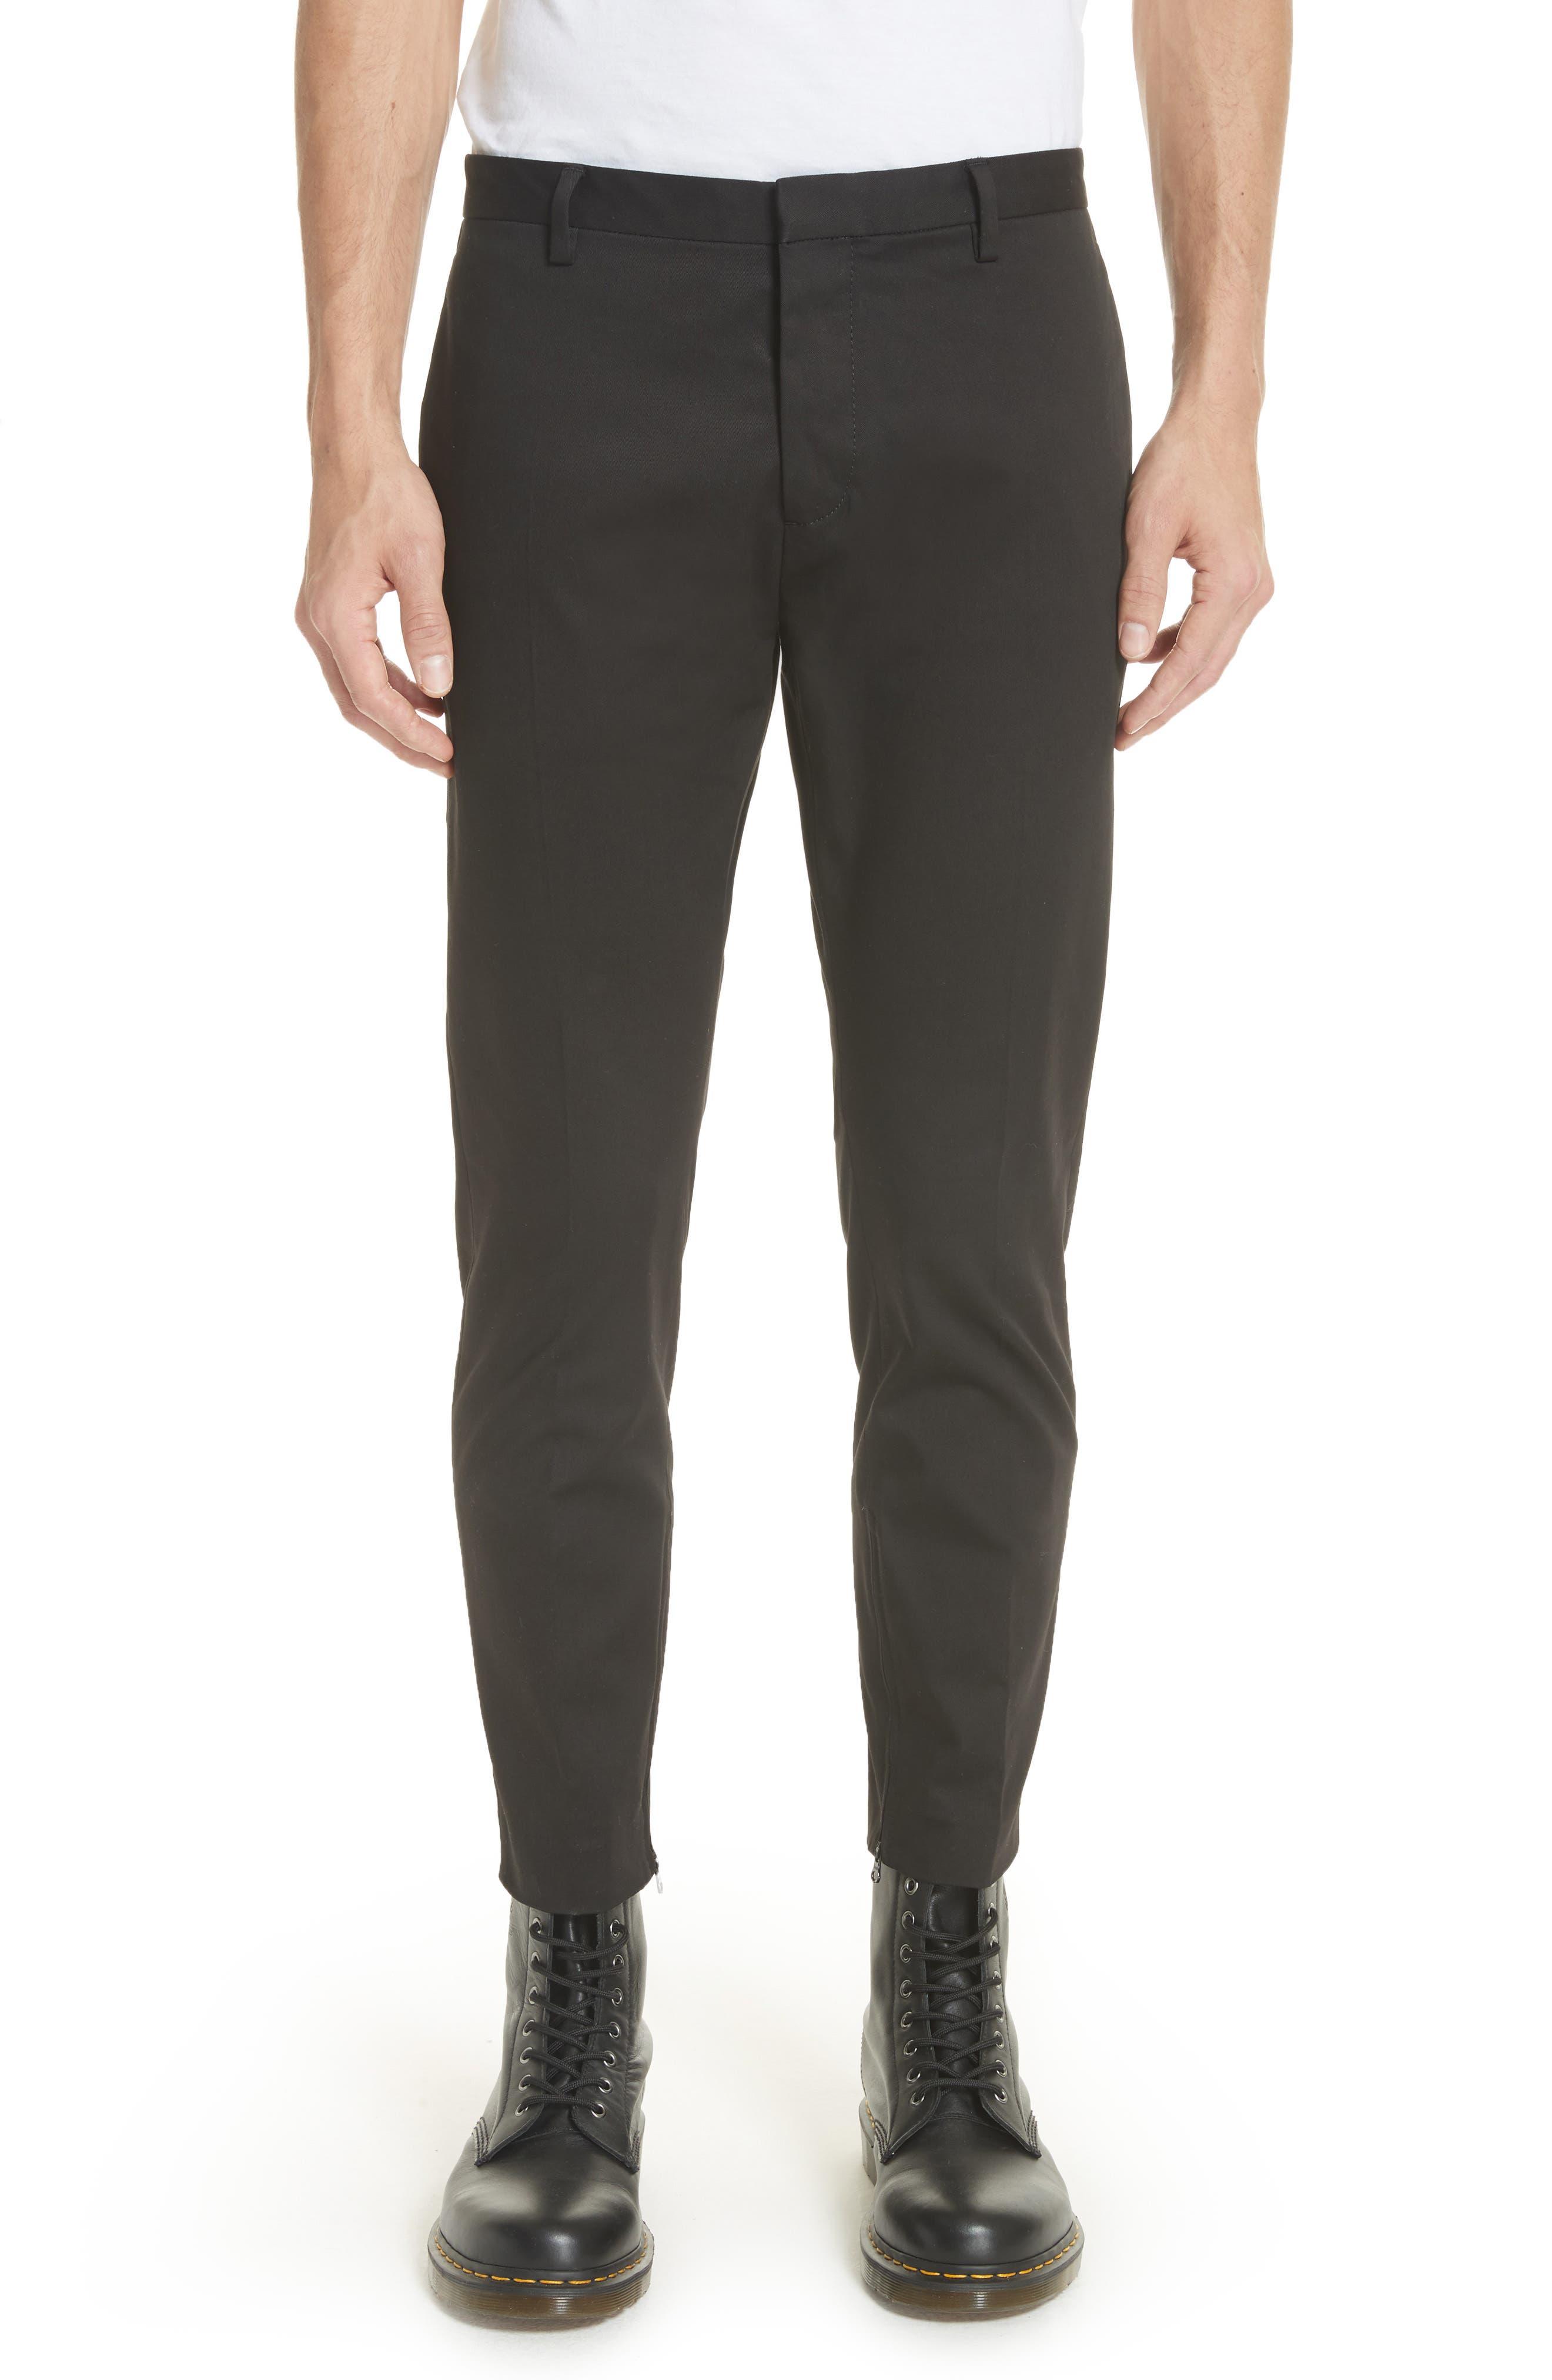 Dan Skinny Fit Cropped Trousers,                         Main,                         color, Black